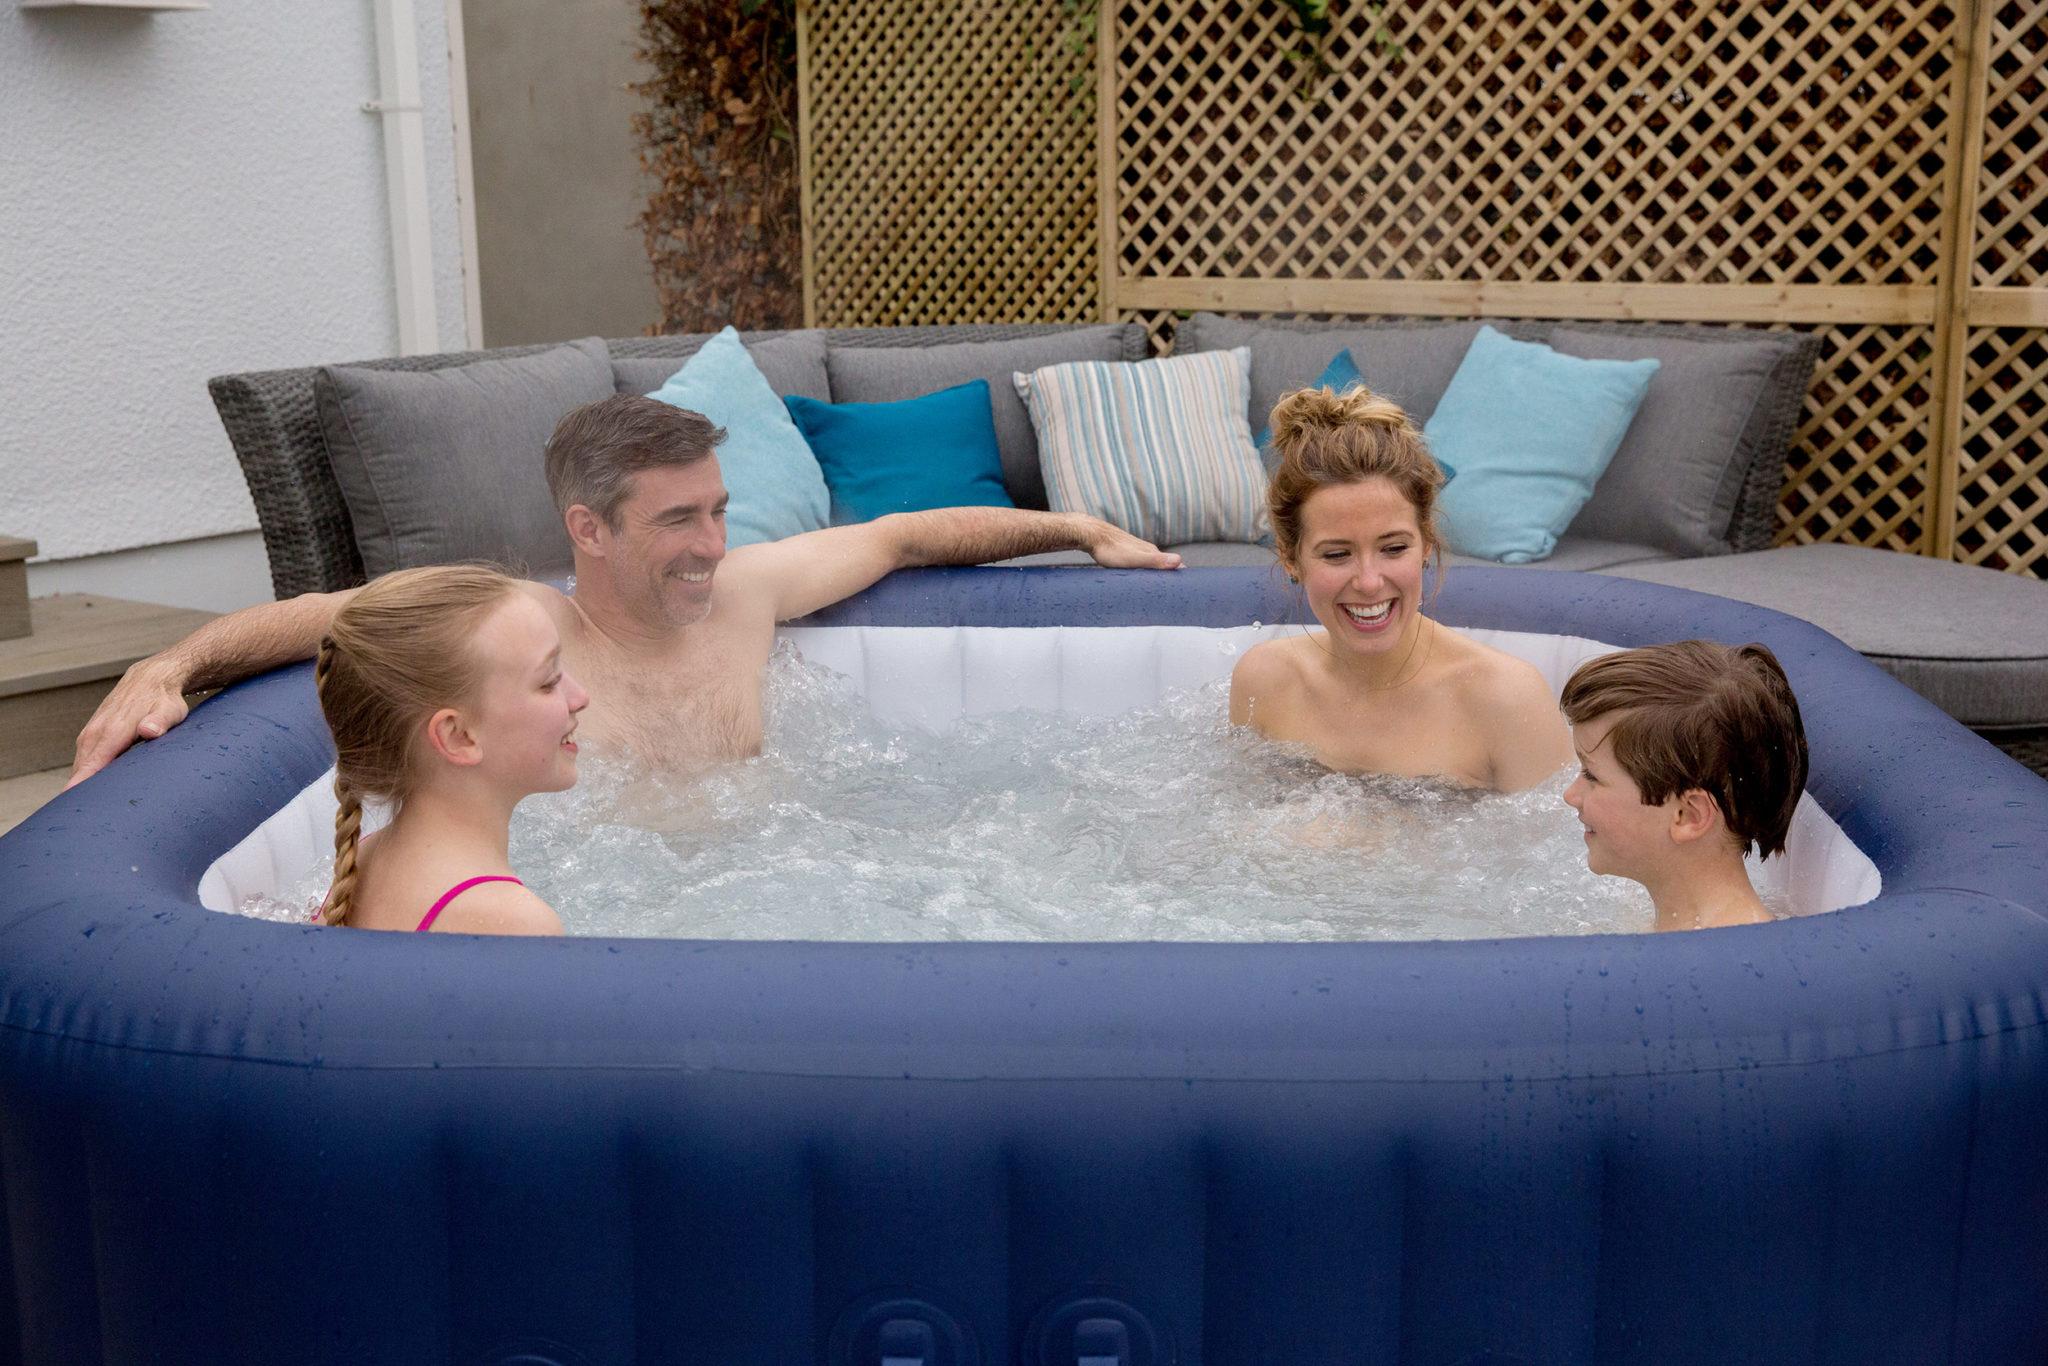 Le premier spa gonflable haut de gamme au monde lay z spa - Spa gonflable haut de gamme ...